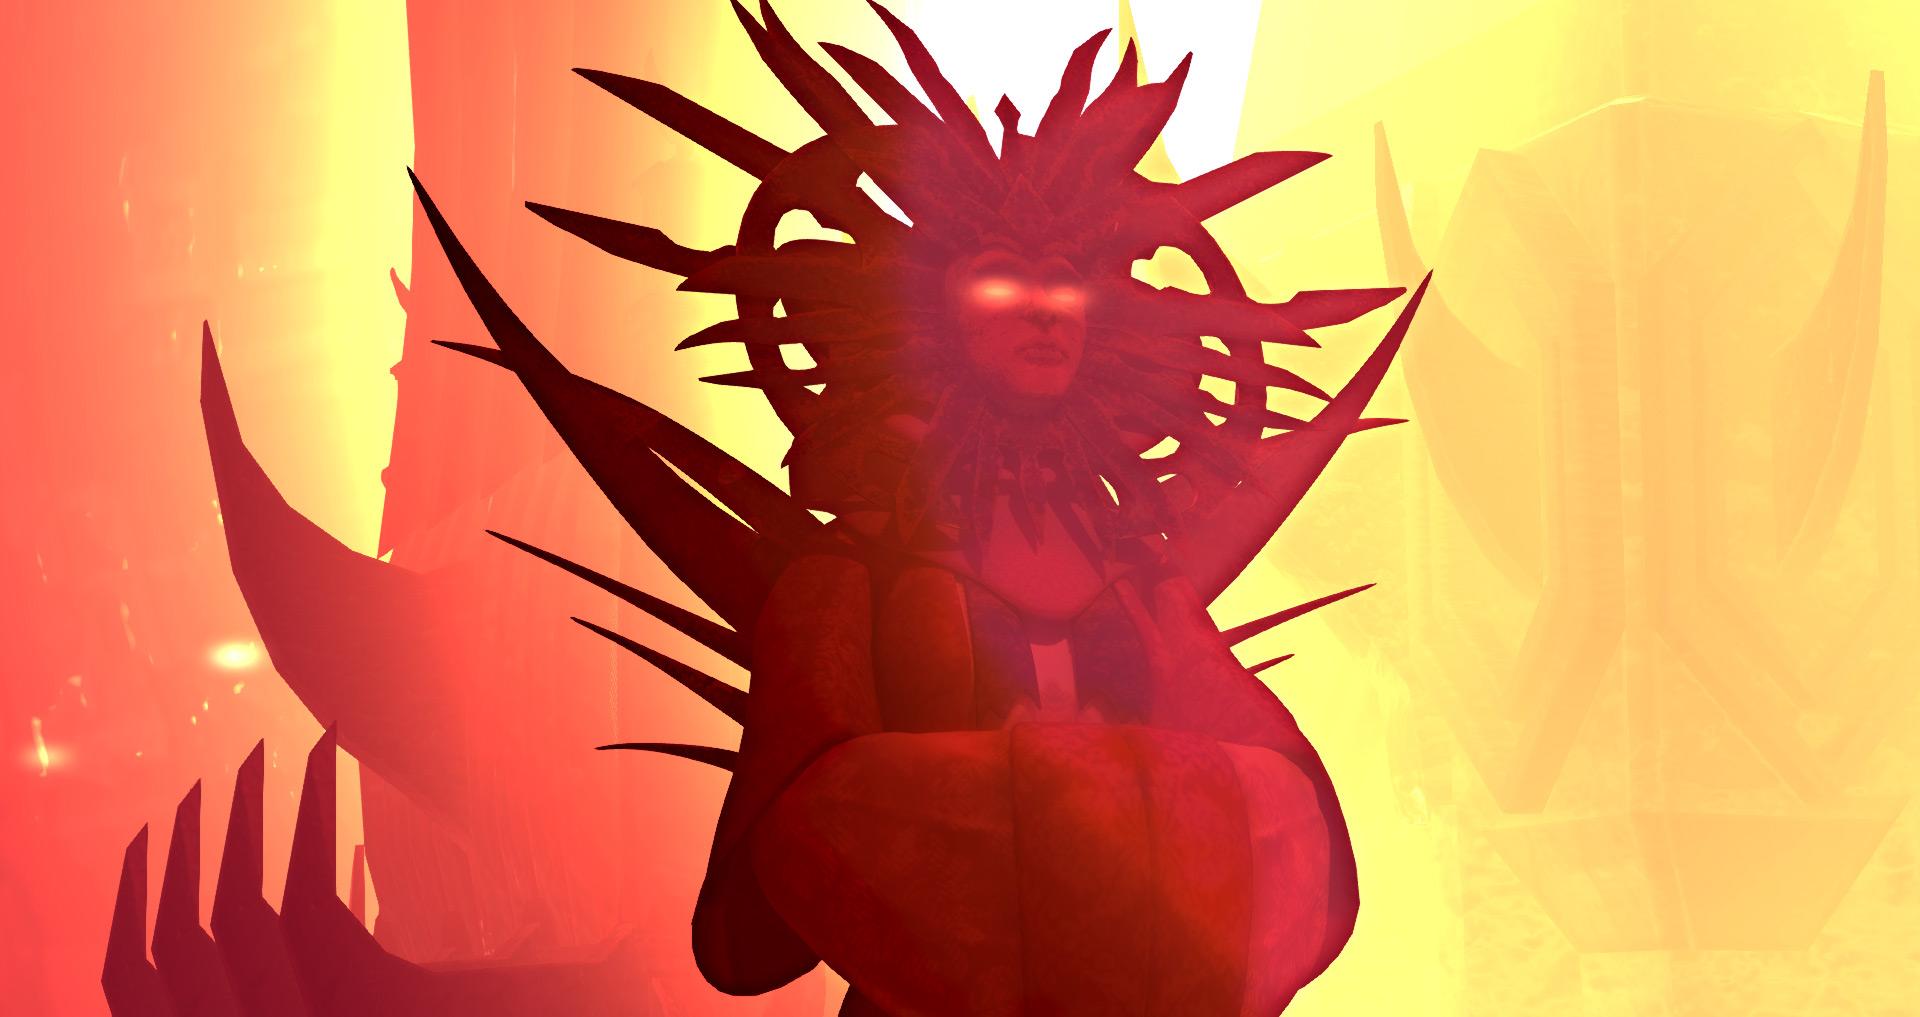 lady of pain ingame secondlife sigil Tramonto da paura, screen di gioco della Signora del Dolore nell'HUD di ruolo di SecondLife di ambientazione Planescape sigilsm.com (2018-08) © dell'autore, tutti i diritti riservati